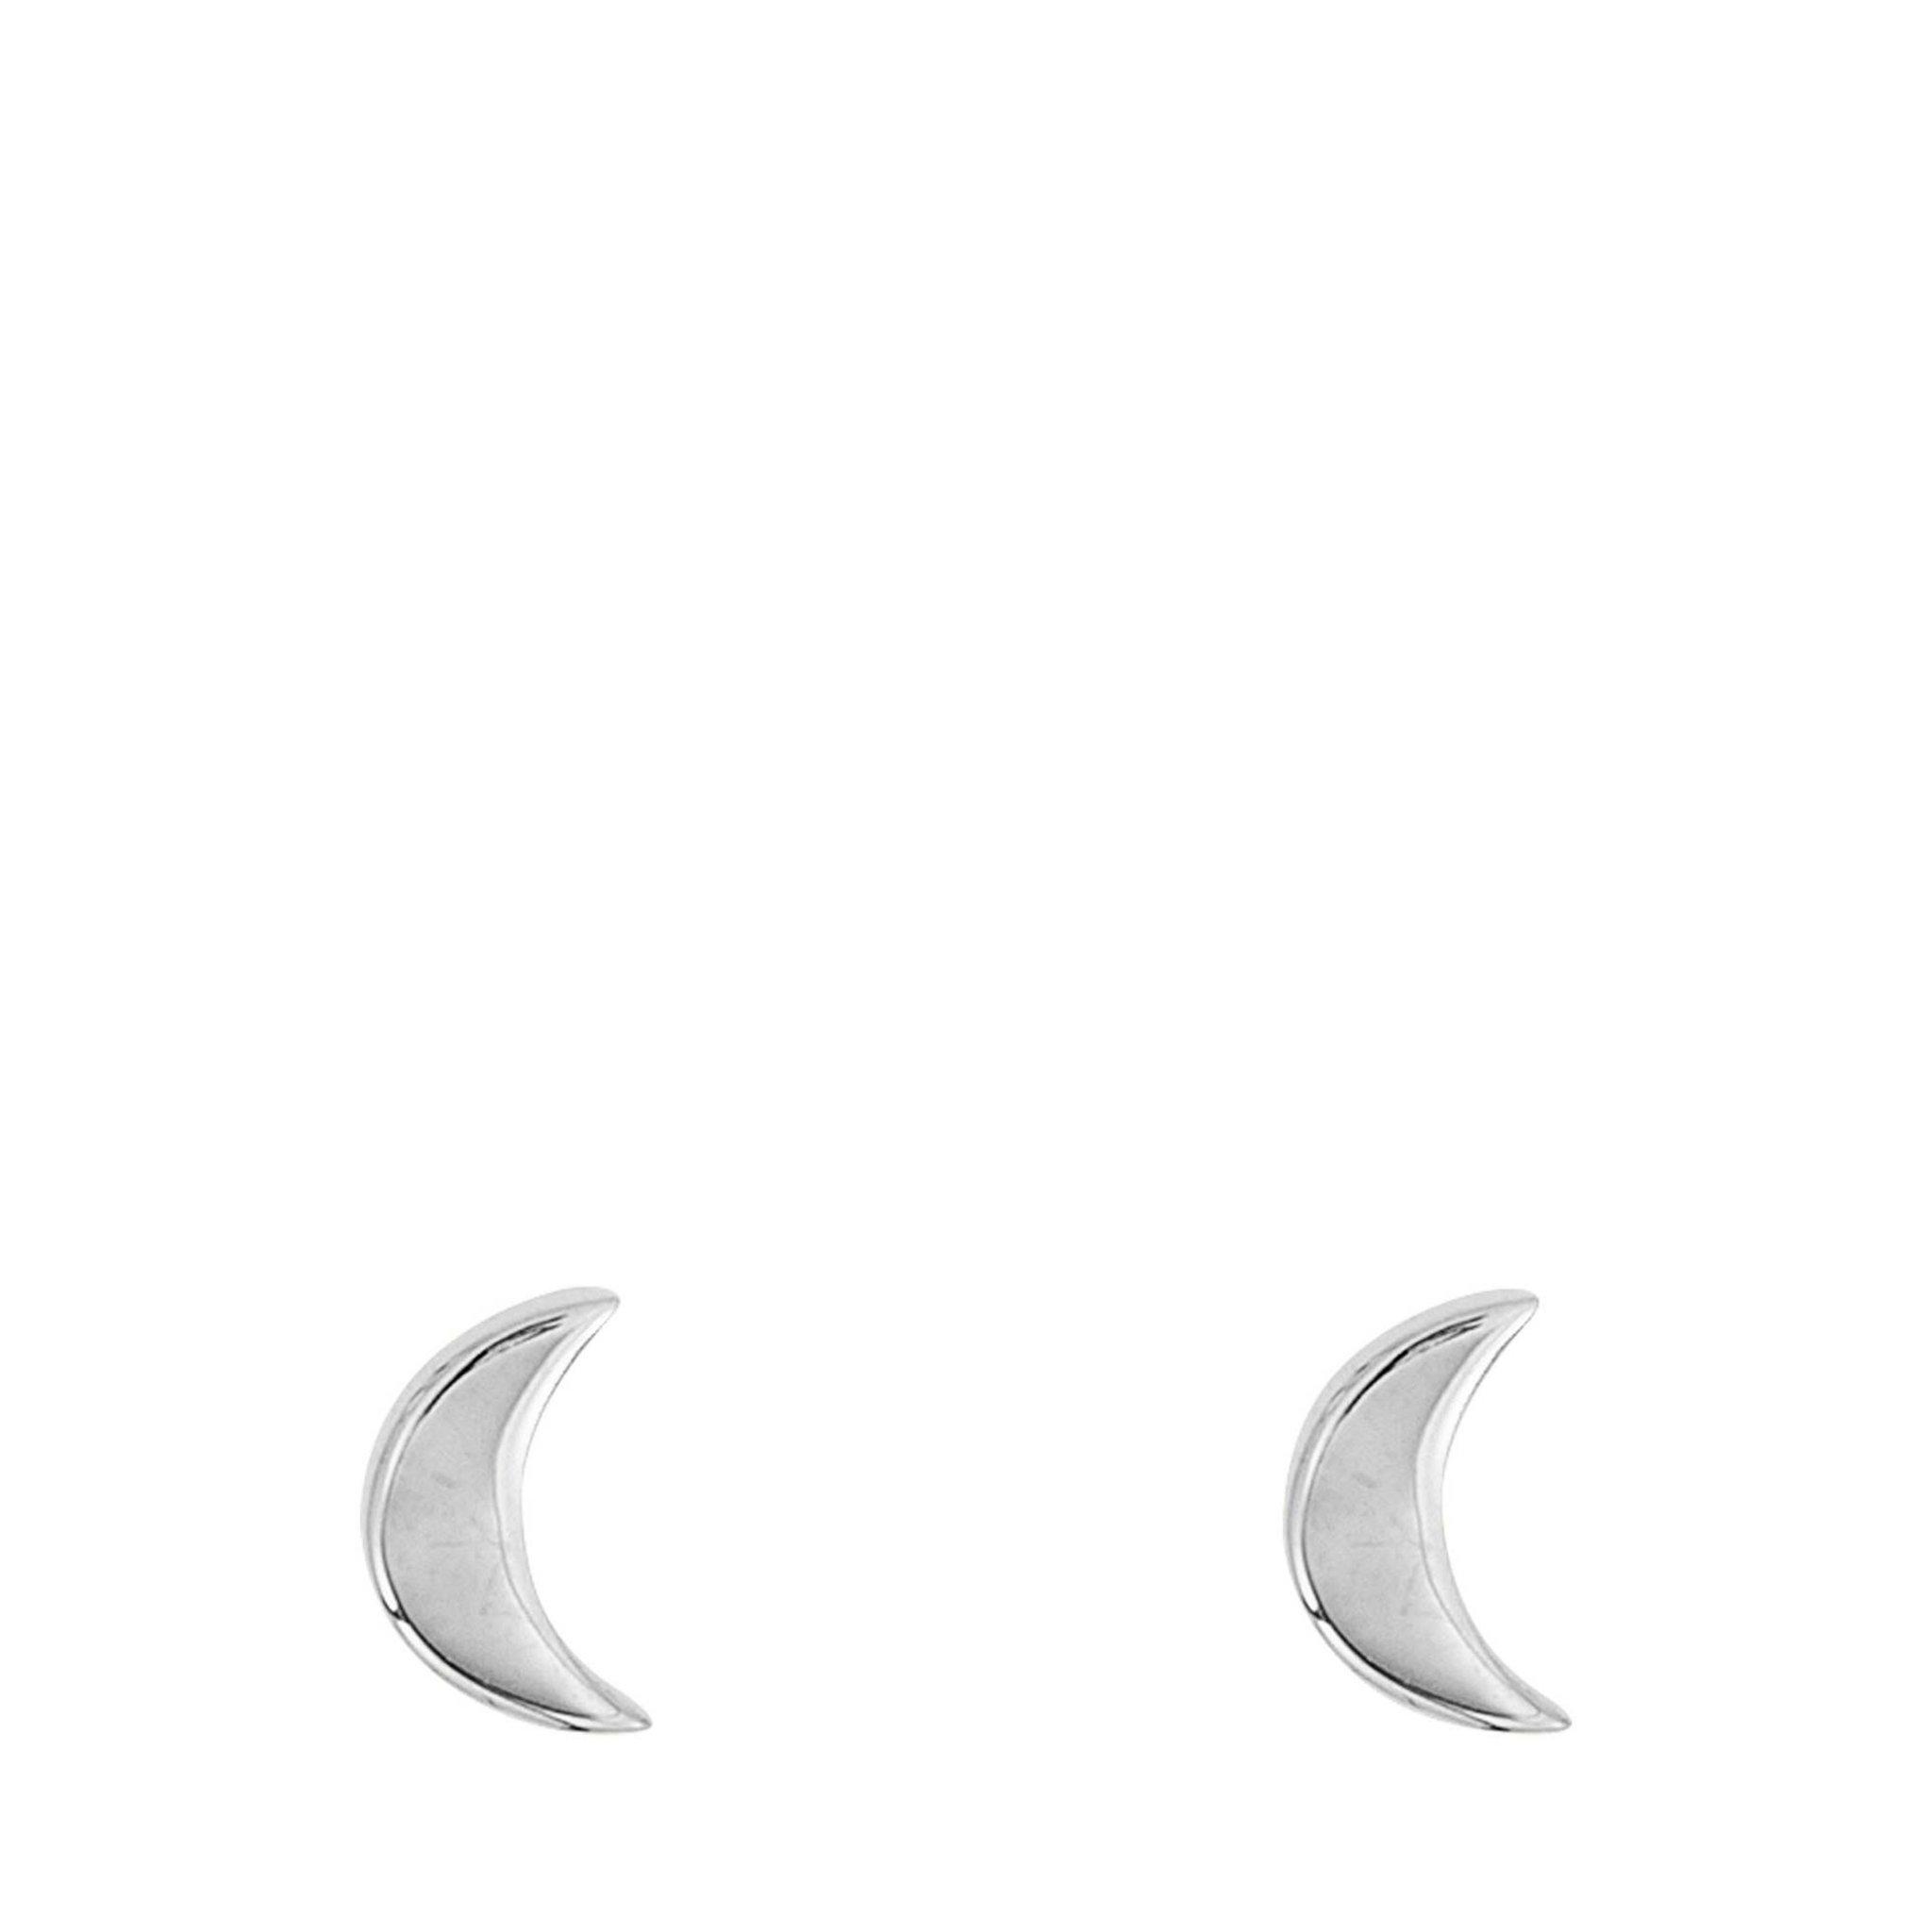 Moon Studs - Örhängen - Köp online på åhlens.se! 1f444a76efdf1